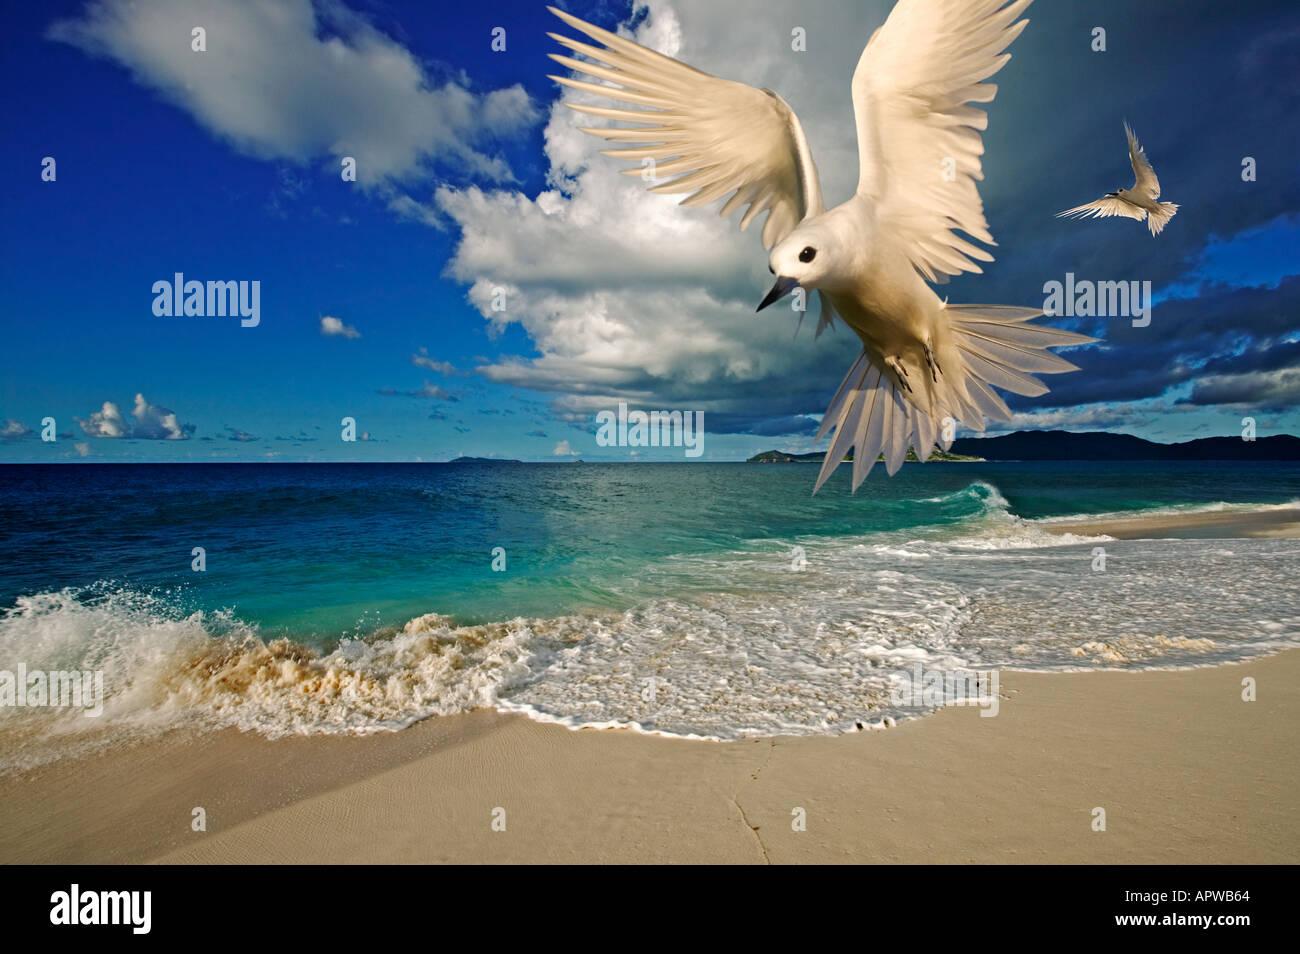 Tropischer Strand-Szene mit weißen Fee Tern Gygis Alba Cousine Island Seychellen Digital Bild geändert Stockbild